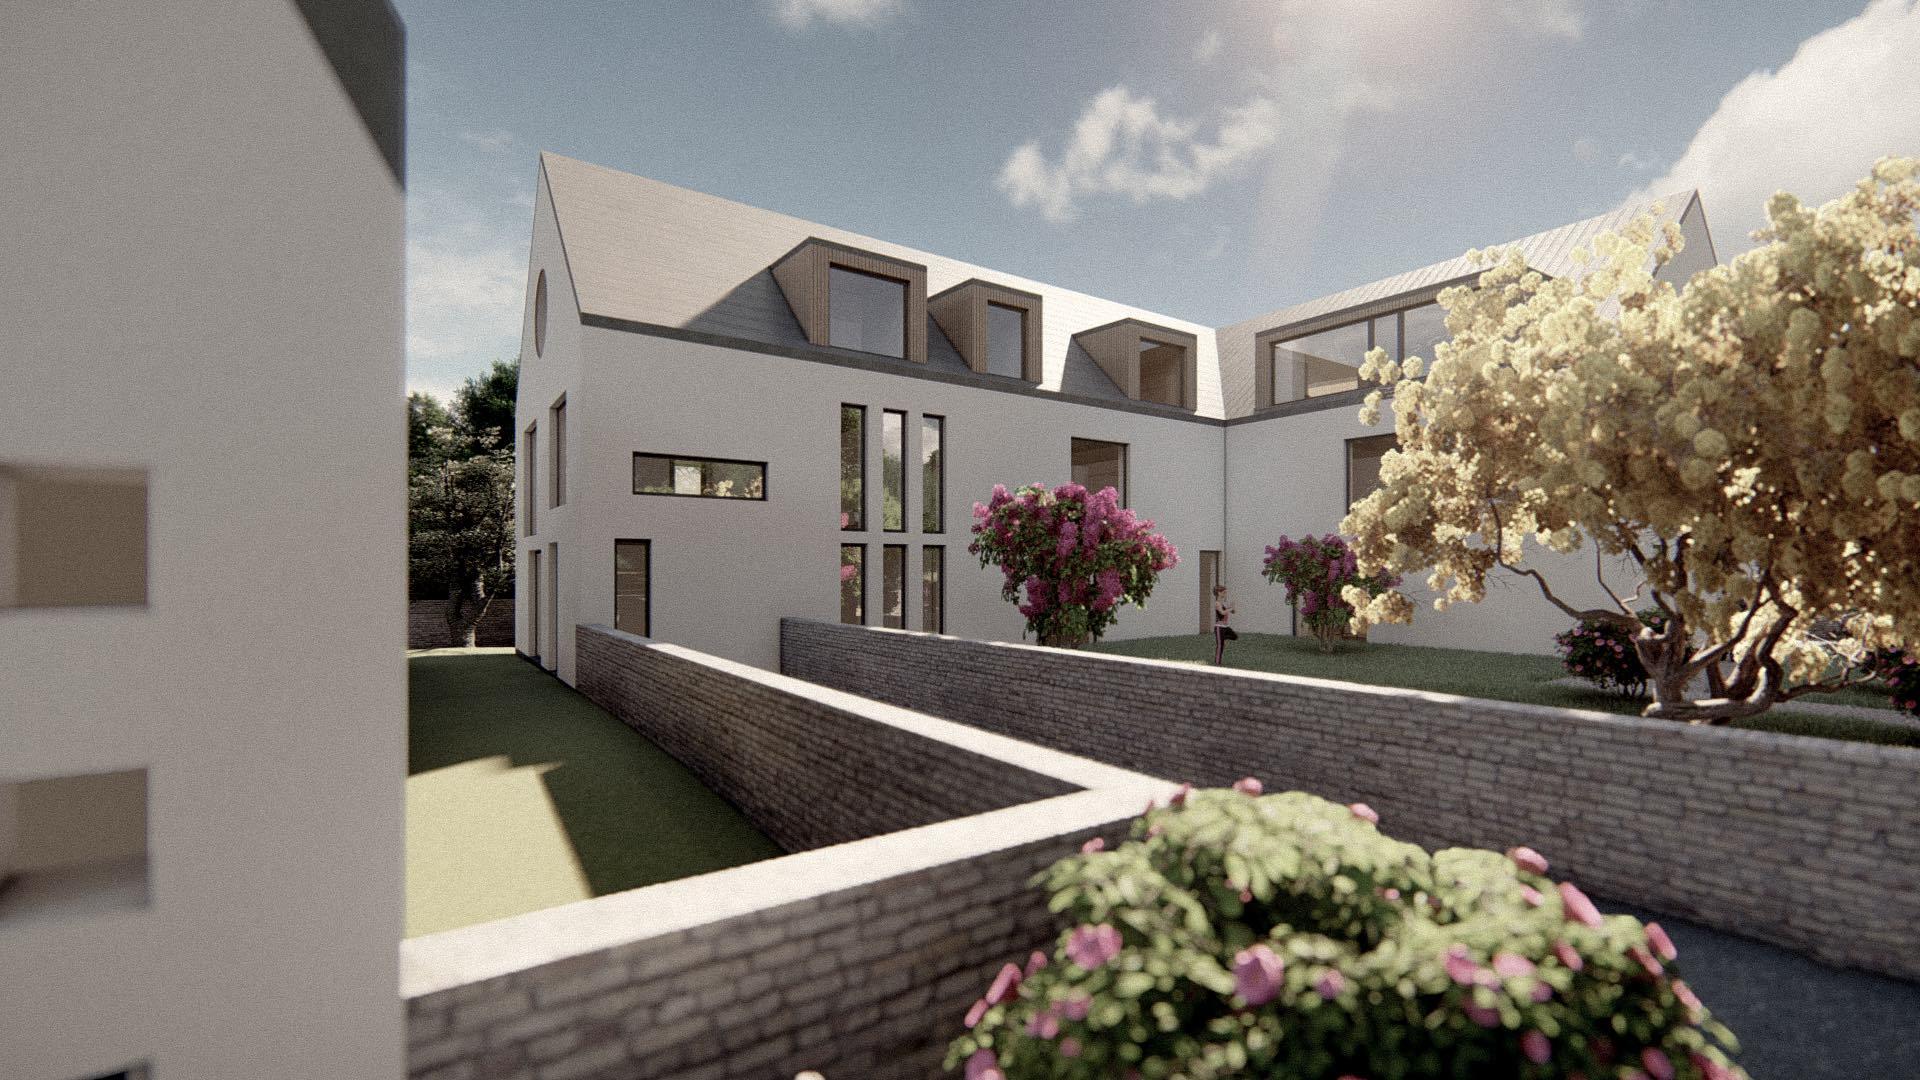 Rezidence Jenerálka KKCG - vizualizace bytového domu. Autor: Kurz architekti